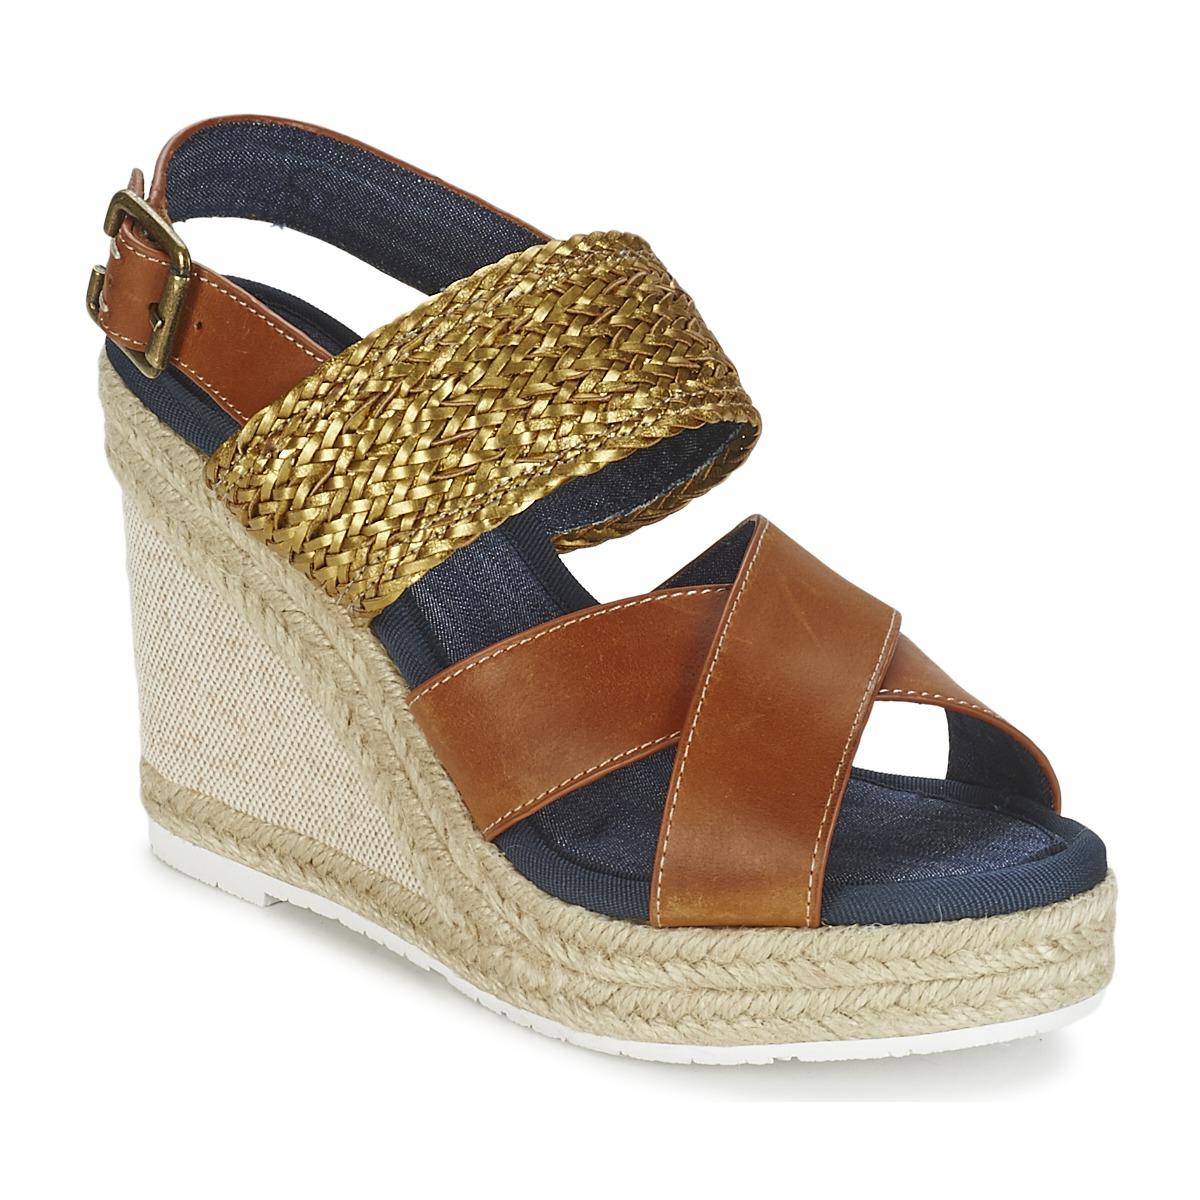 Sandale Napapijri BELLE Camel / Or